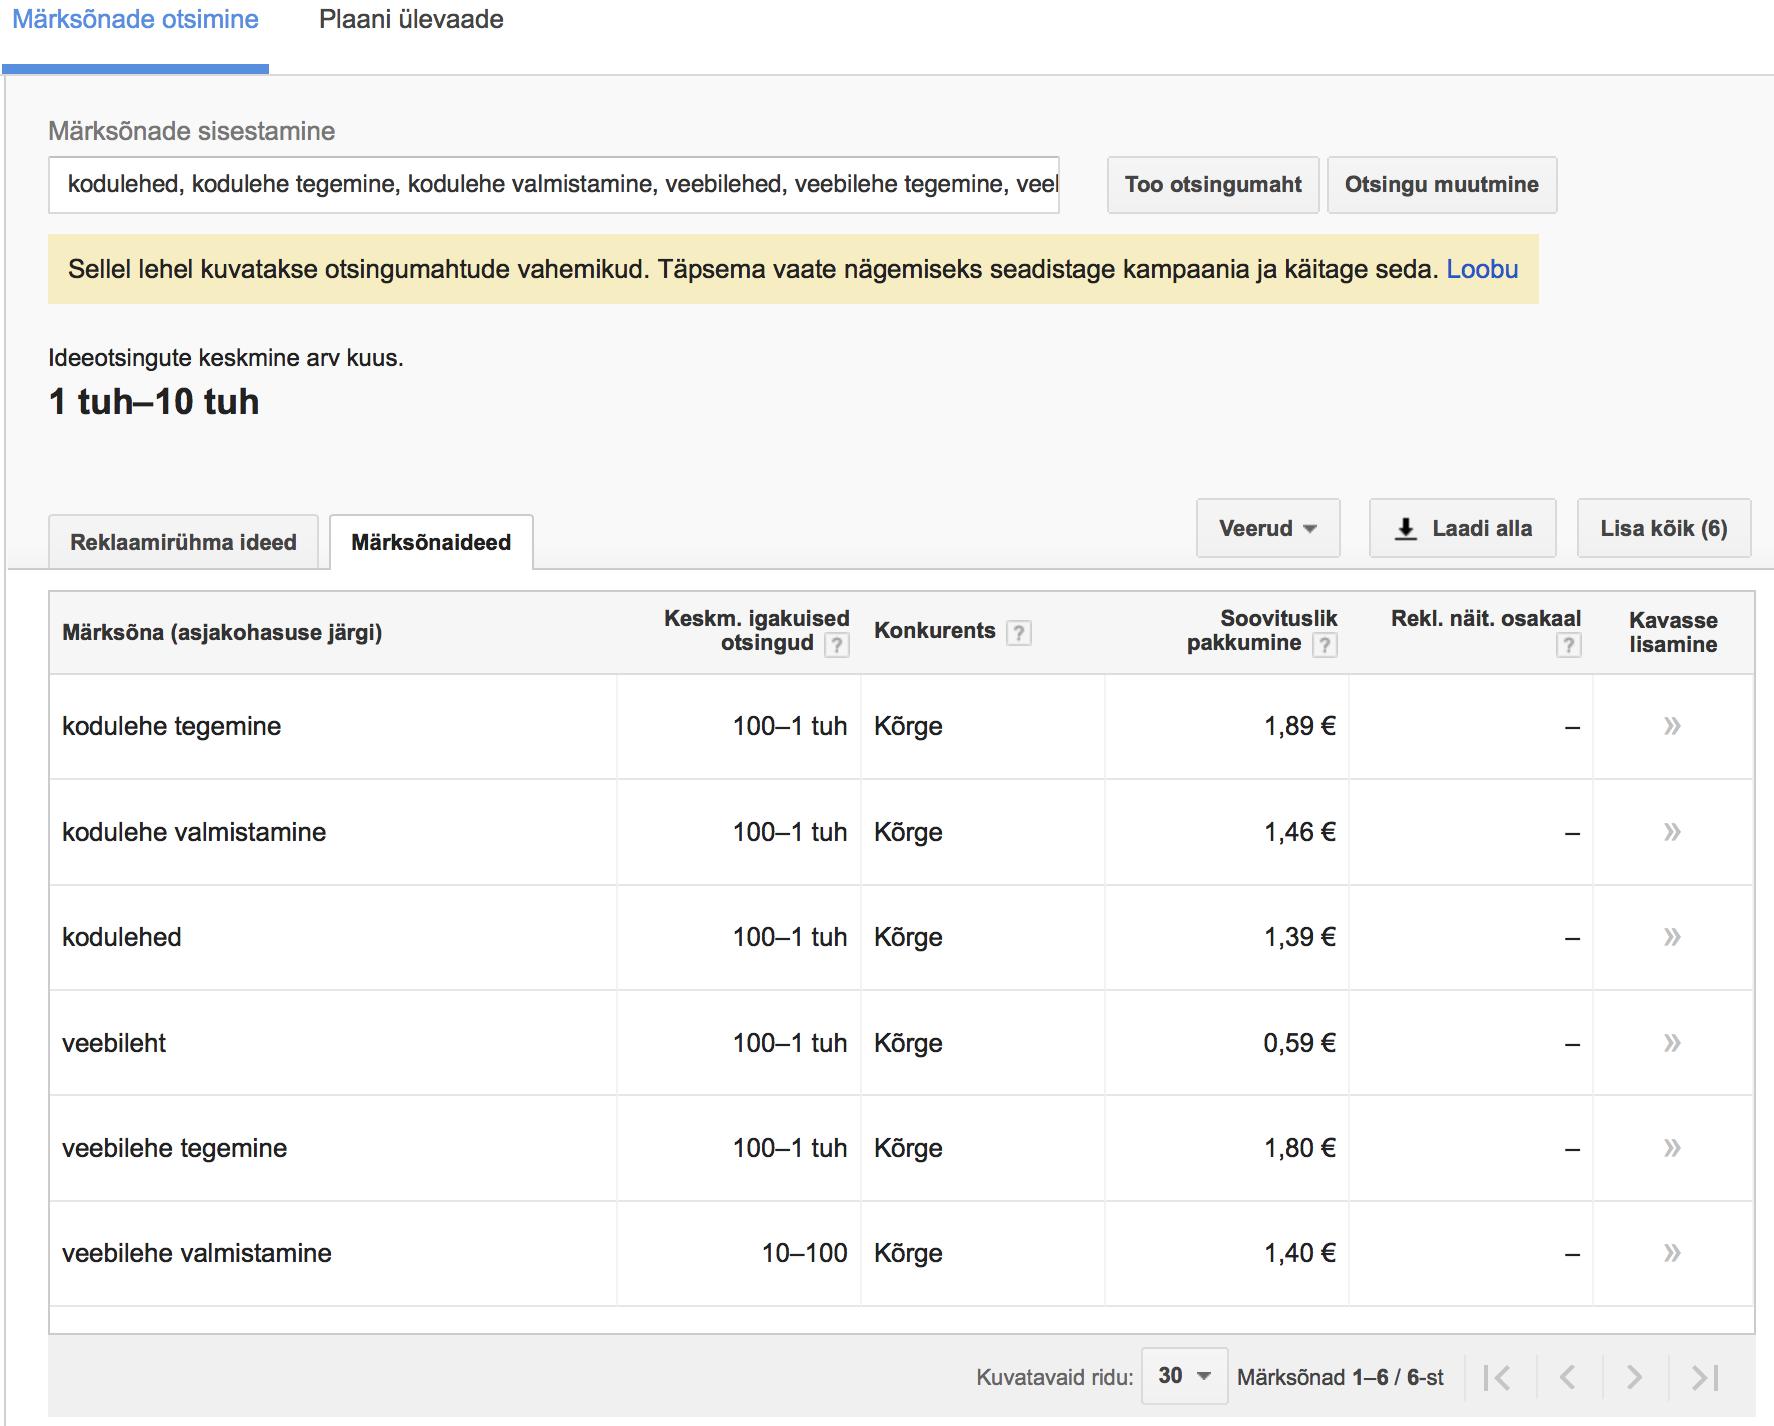 546f4532948 Sihtriigiks ikka Eesti ja edasi näetegi otsingumahtude vahemike. Vahemike  näete sellisel juhul, kui teie Google AdWordsi teenuse ...